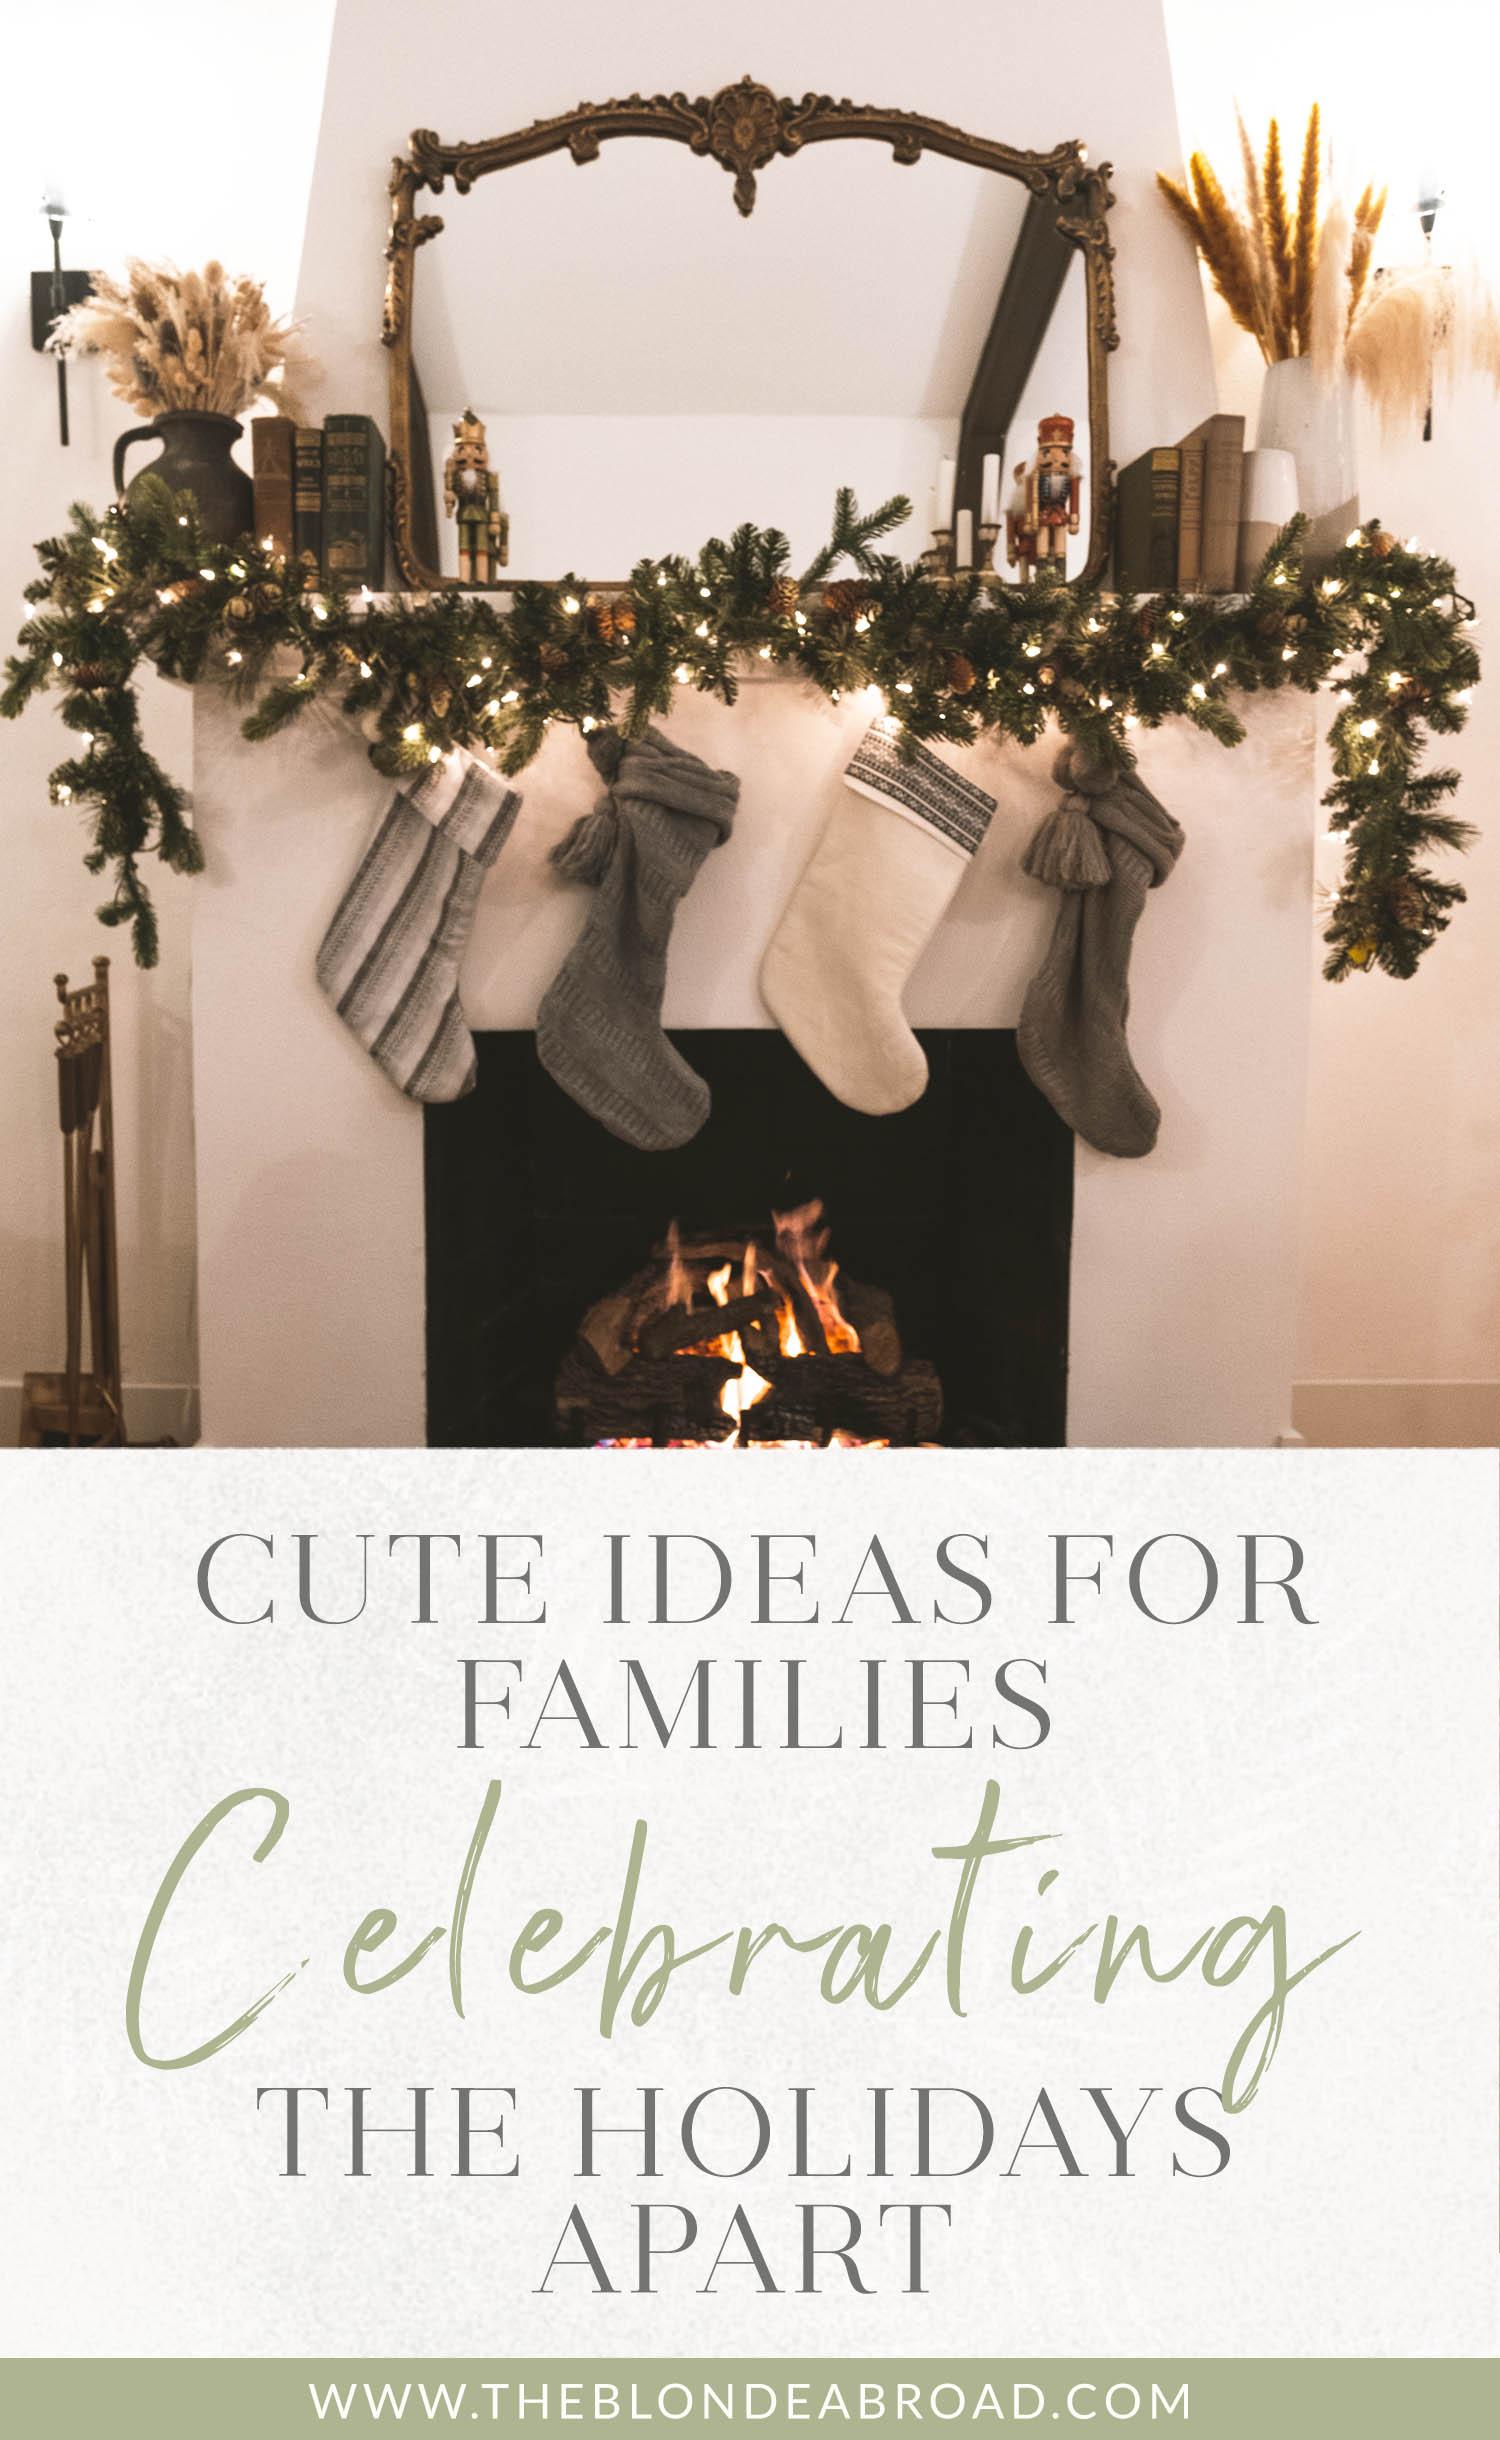 Ideias fofas para famílias que comemoram feriados separados